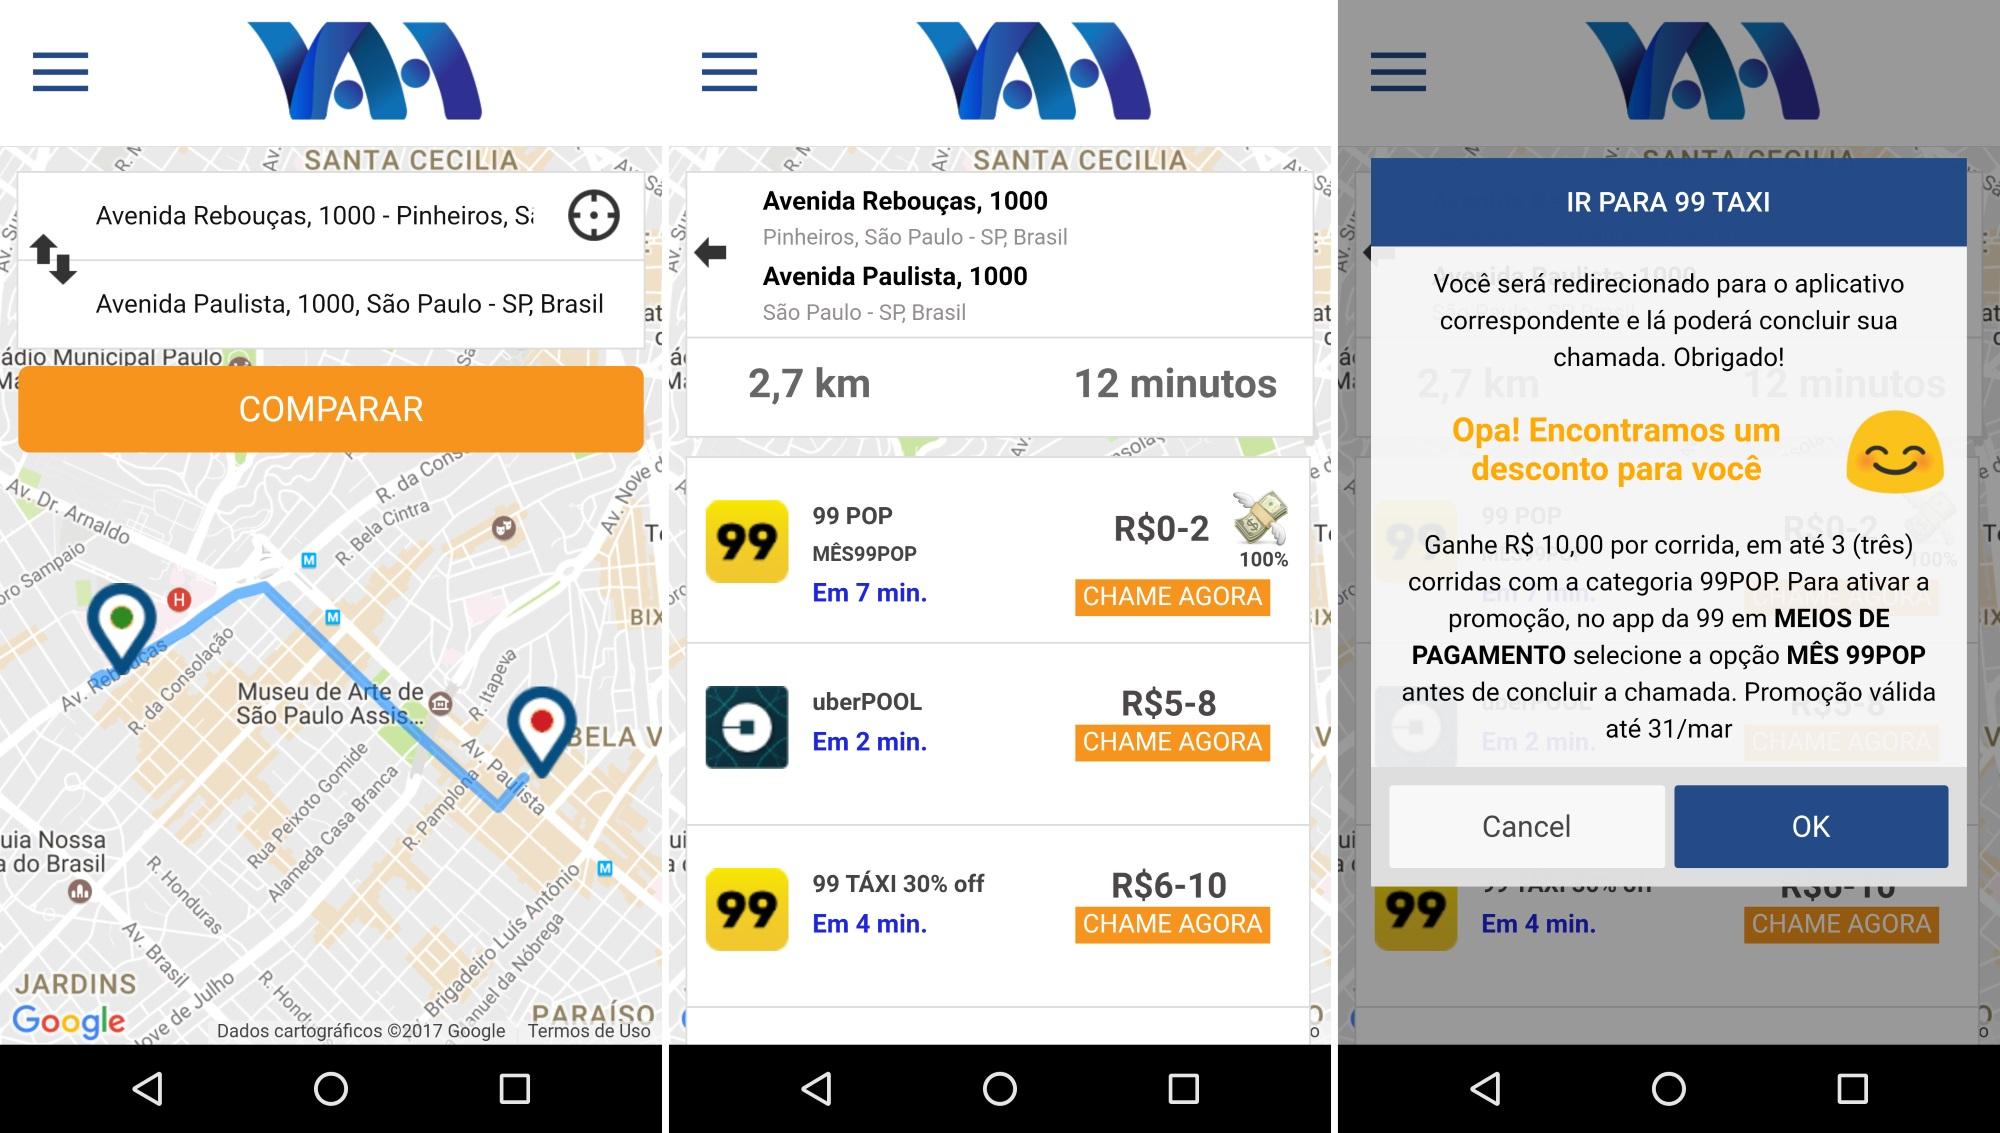 Fuja da tarifa dinâmica do Uber e economize dinheiro usando este app – Tecnoblog